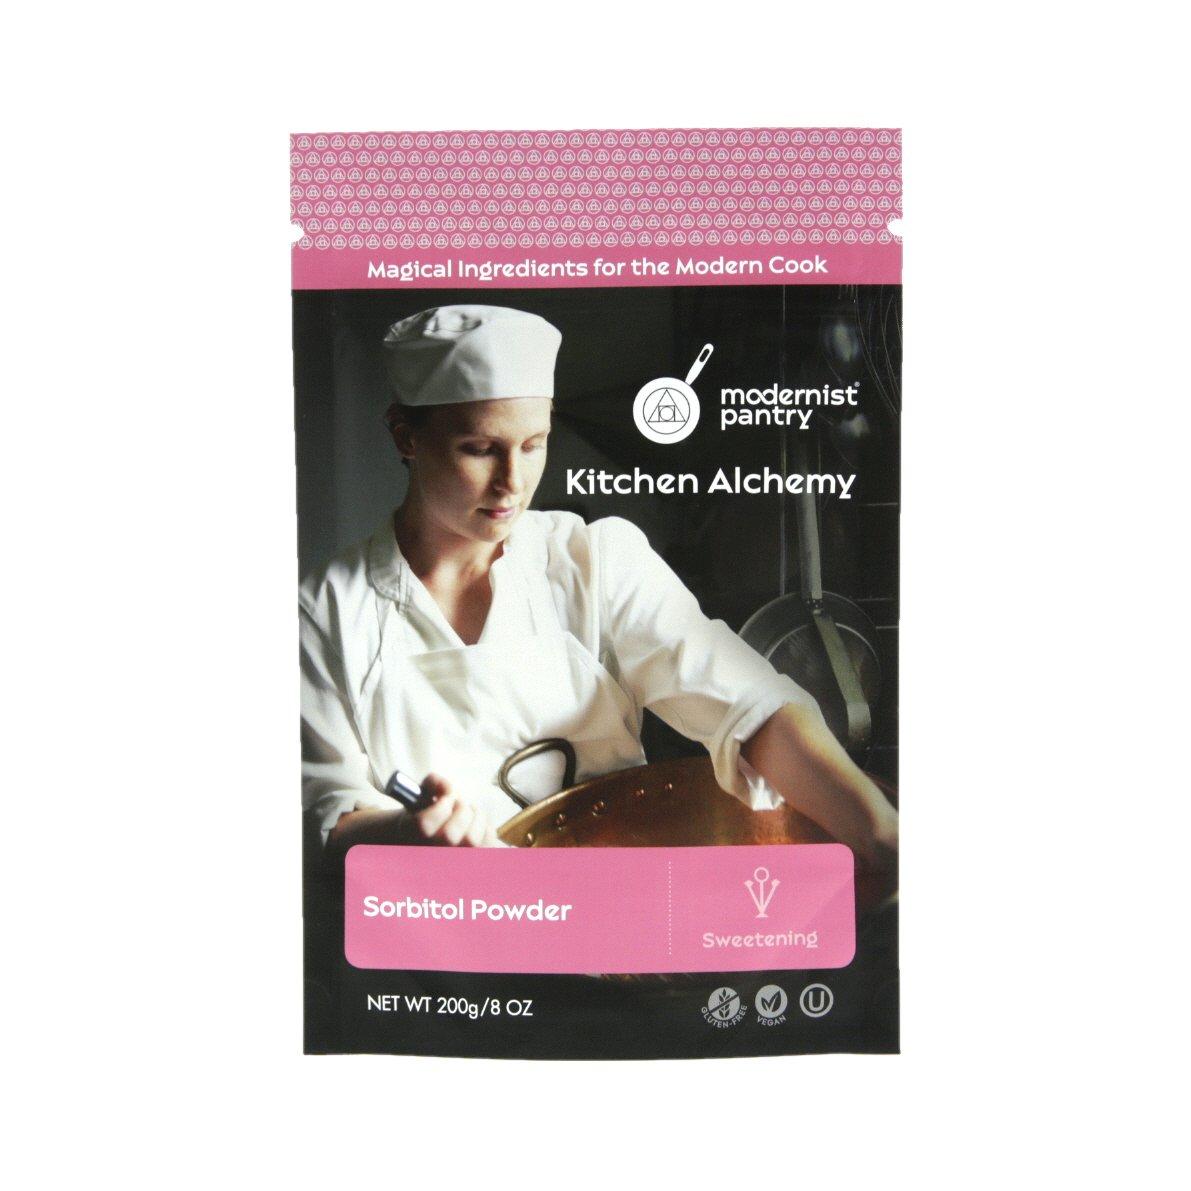 Pure Sorbitol Powder ☮ Vegan ❤ Gluten-Free ✡ OU Kosher Certified - 200g/7oz.